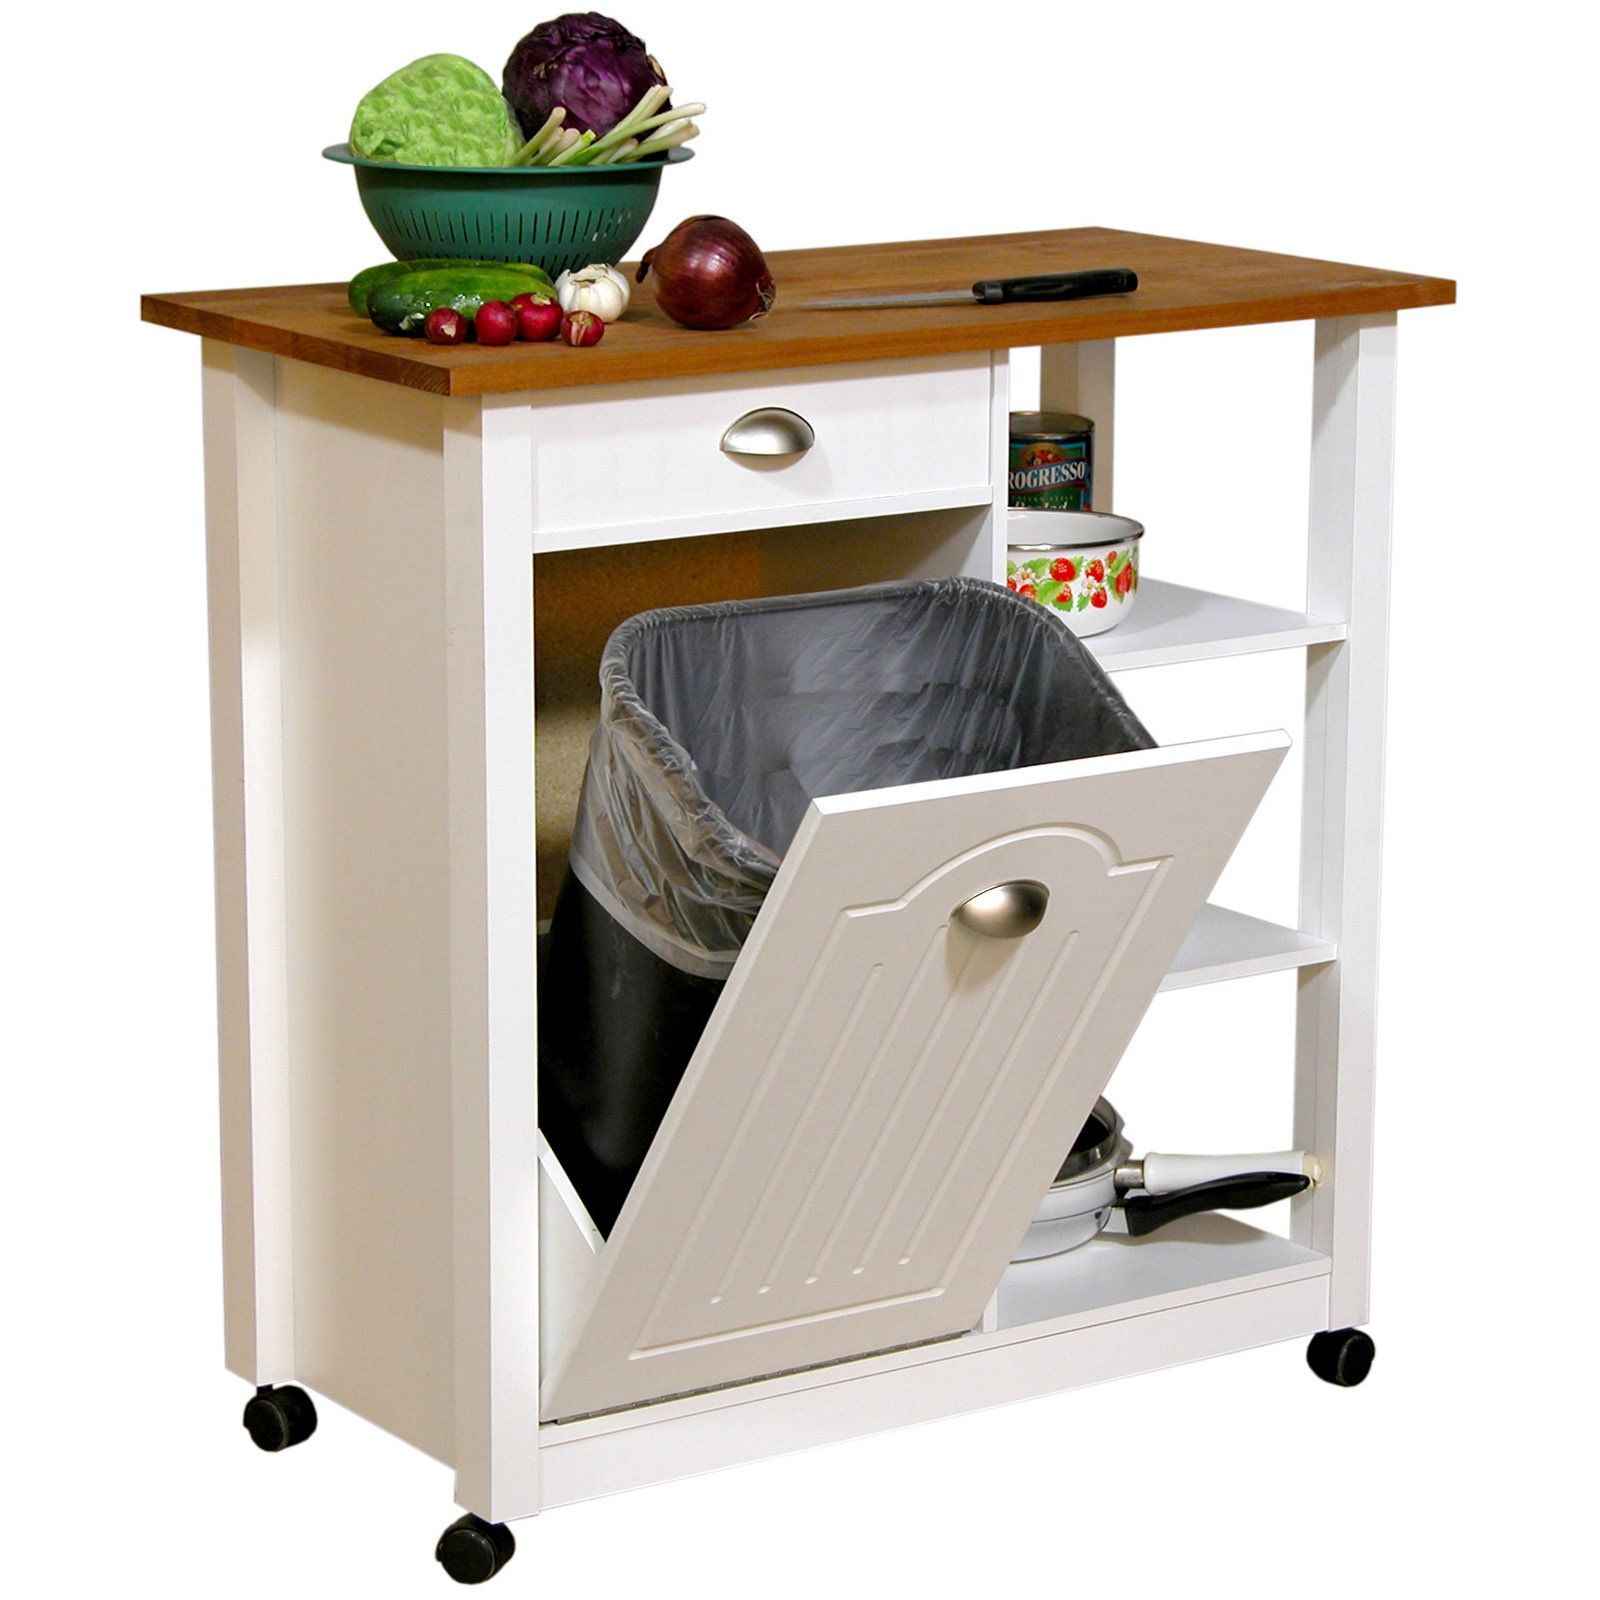 Small kitchen cart Photo - 8